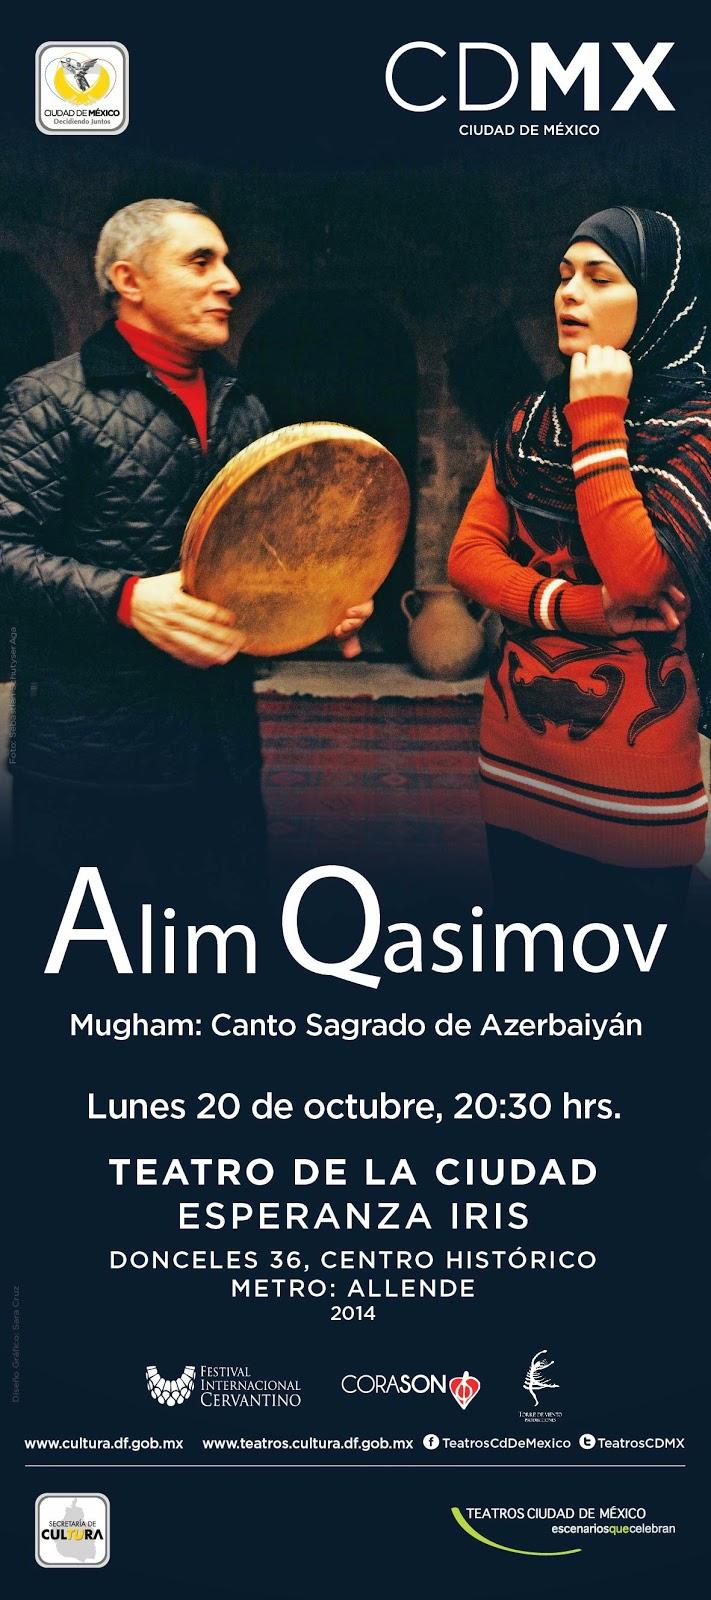 Cantos sagrados de Azerbaiyán de Alim Qasimov en el Teatro de la Ciudad